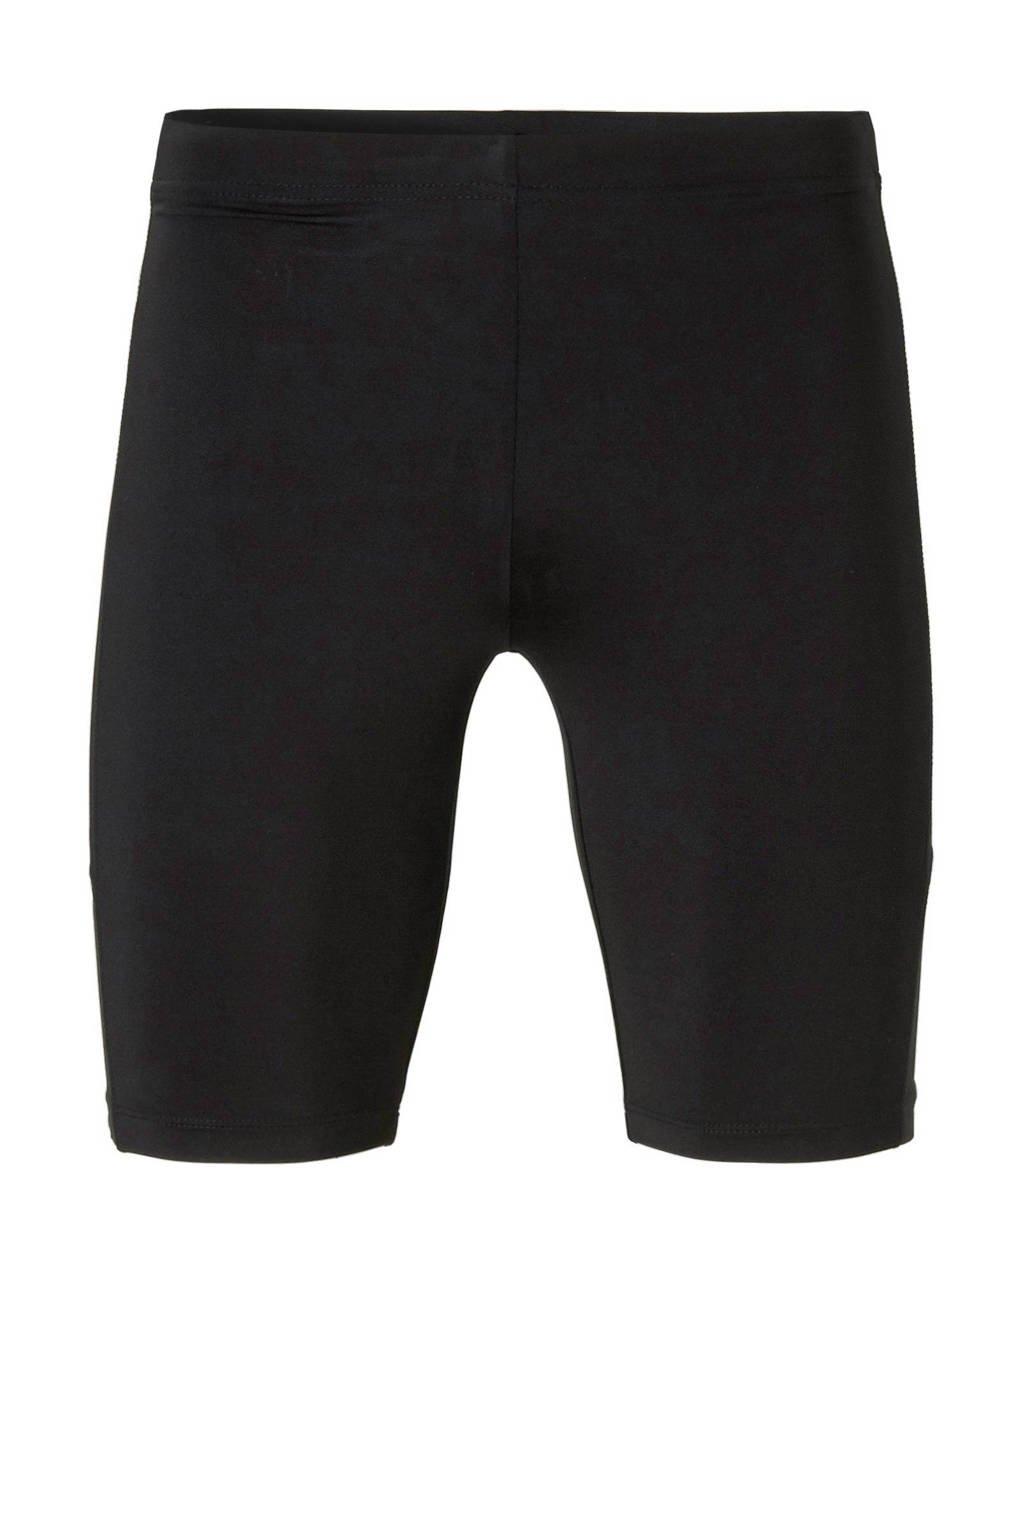 Donnay   hardloopshort zwart, Zwart